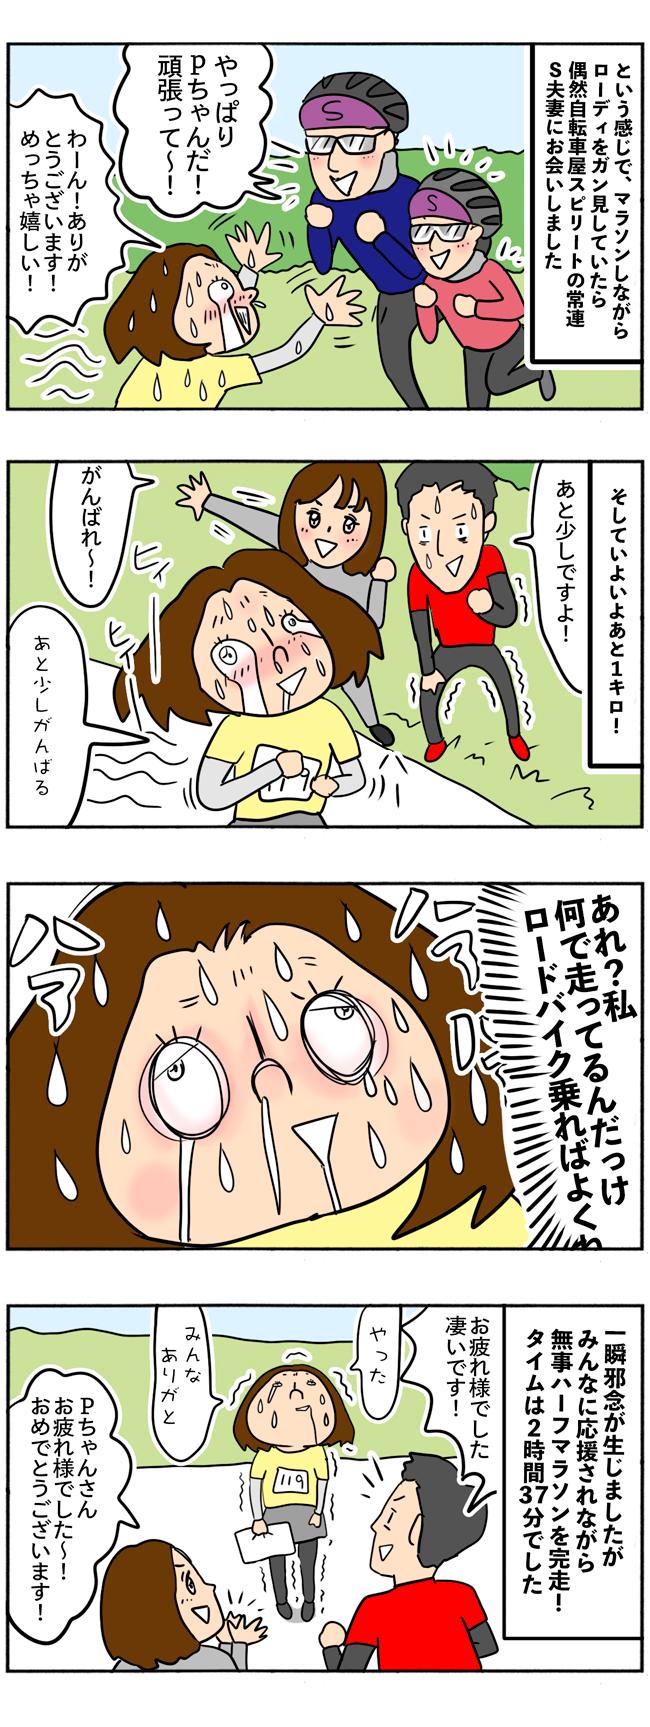 【四コマ漫画】Pちゃんが初ハーフマラソンに参加してきました!その3 〜結局ローディはロードバイクの夢を見る〜